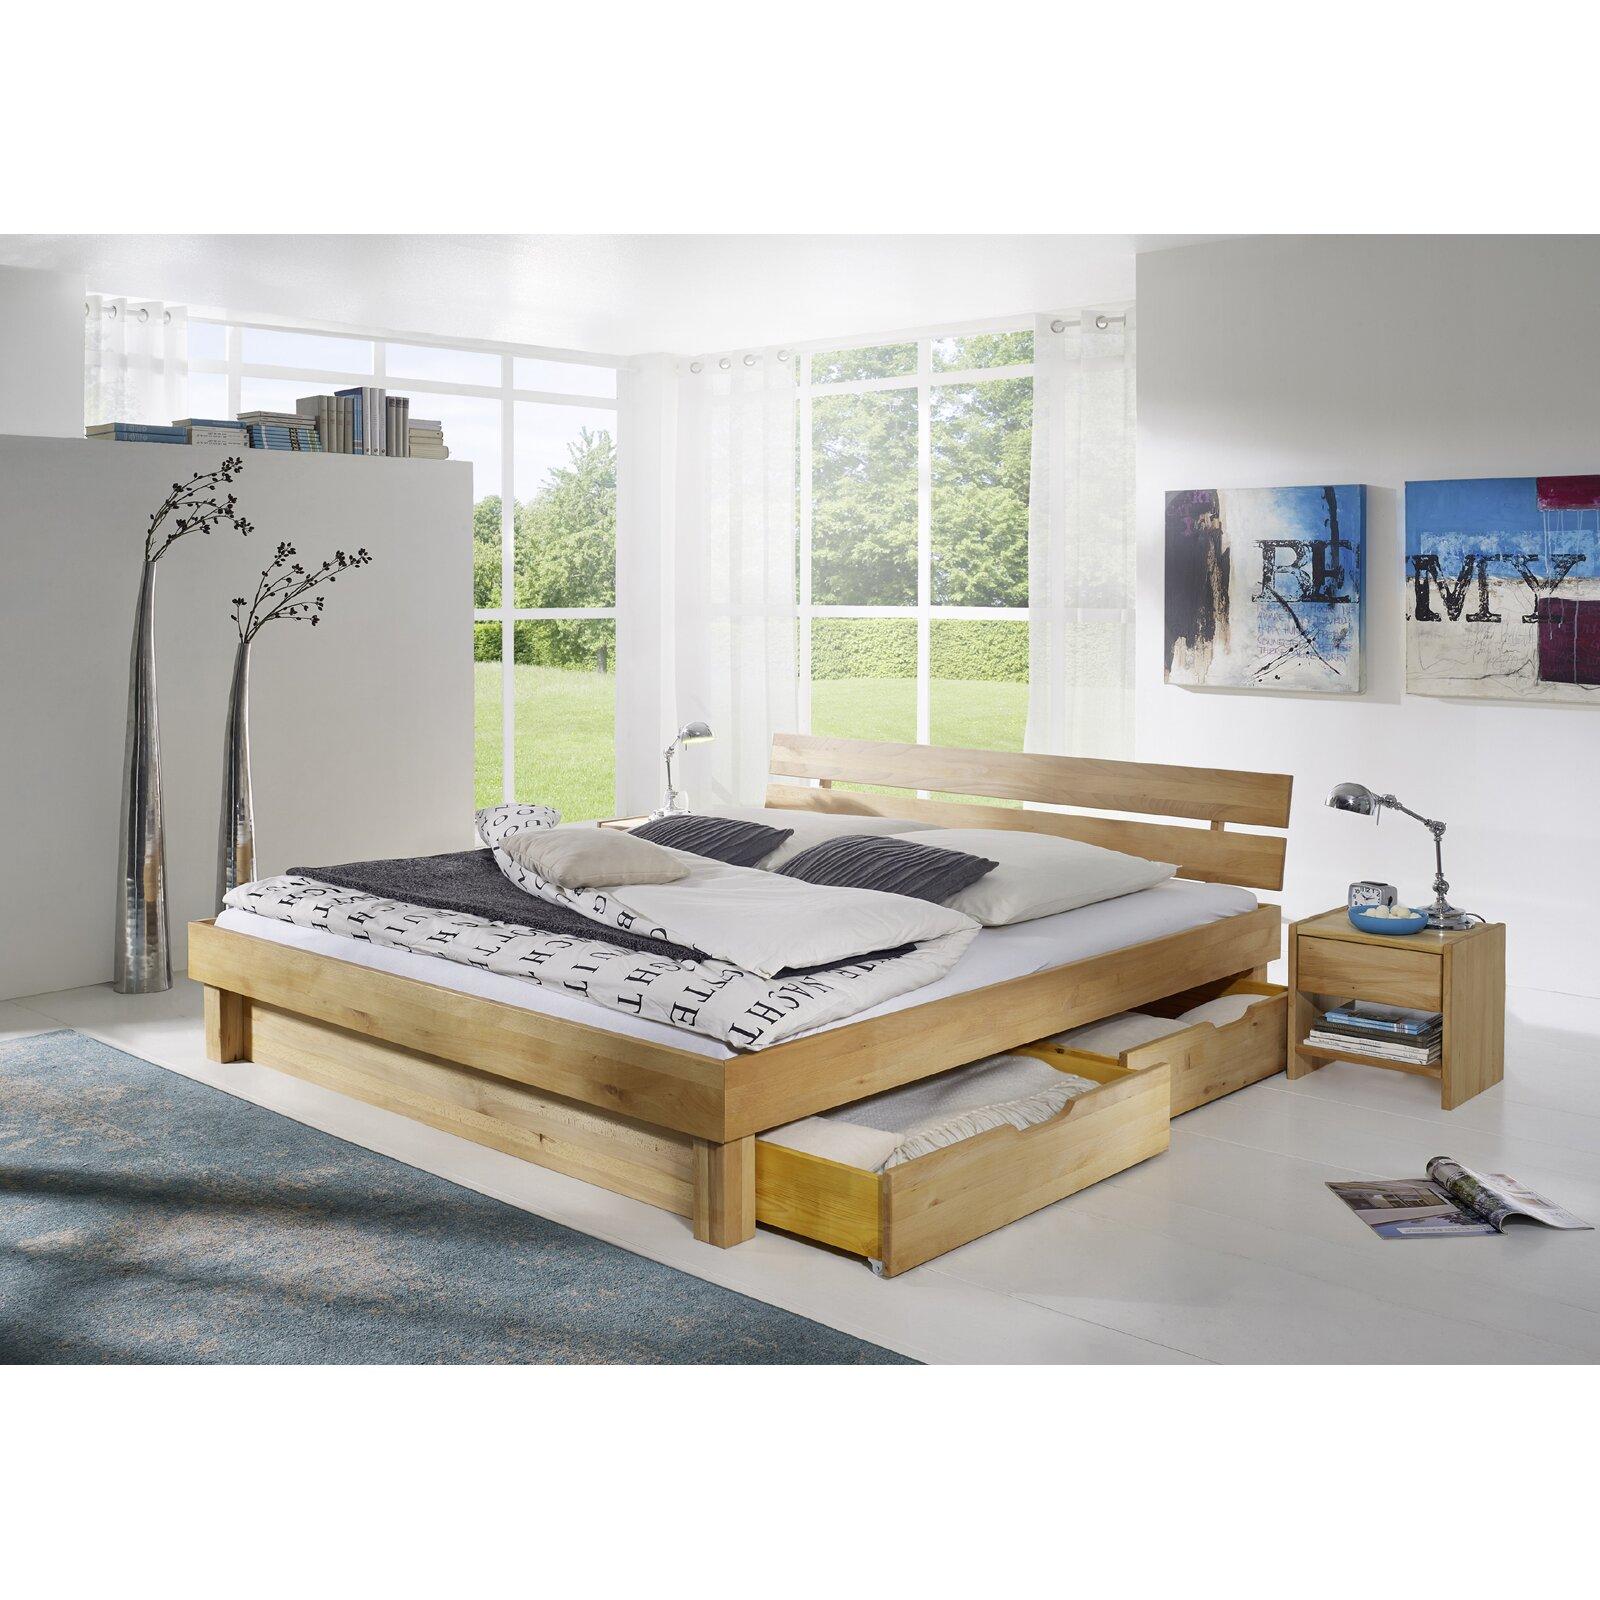 sam stil art m bel gmbh massivholzbett canyon mit stauraum bewertungen. Black Bedroom Furniture Sets. Home Design Ideas